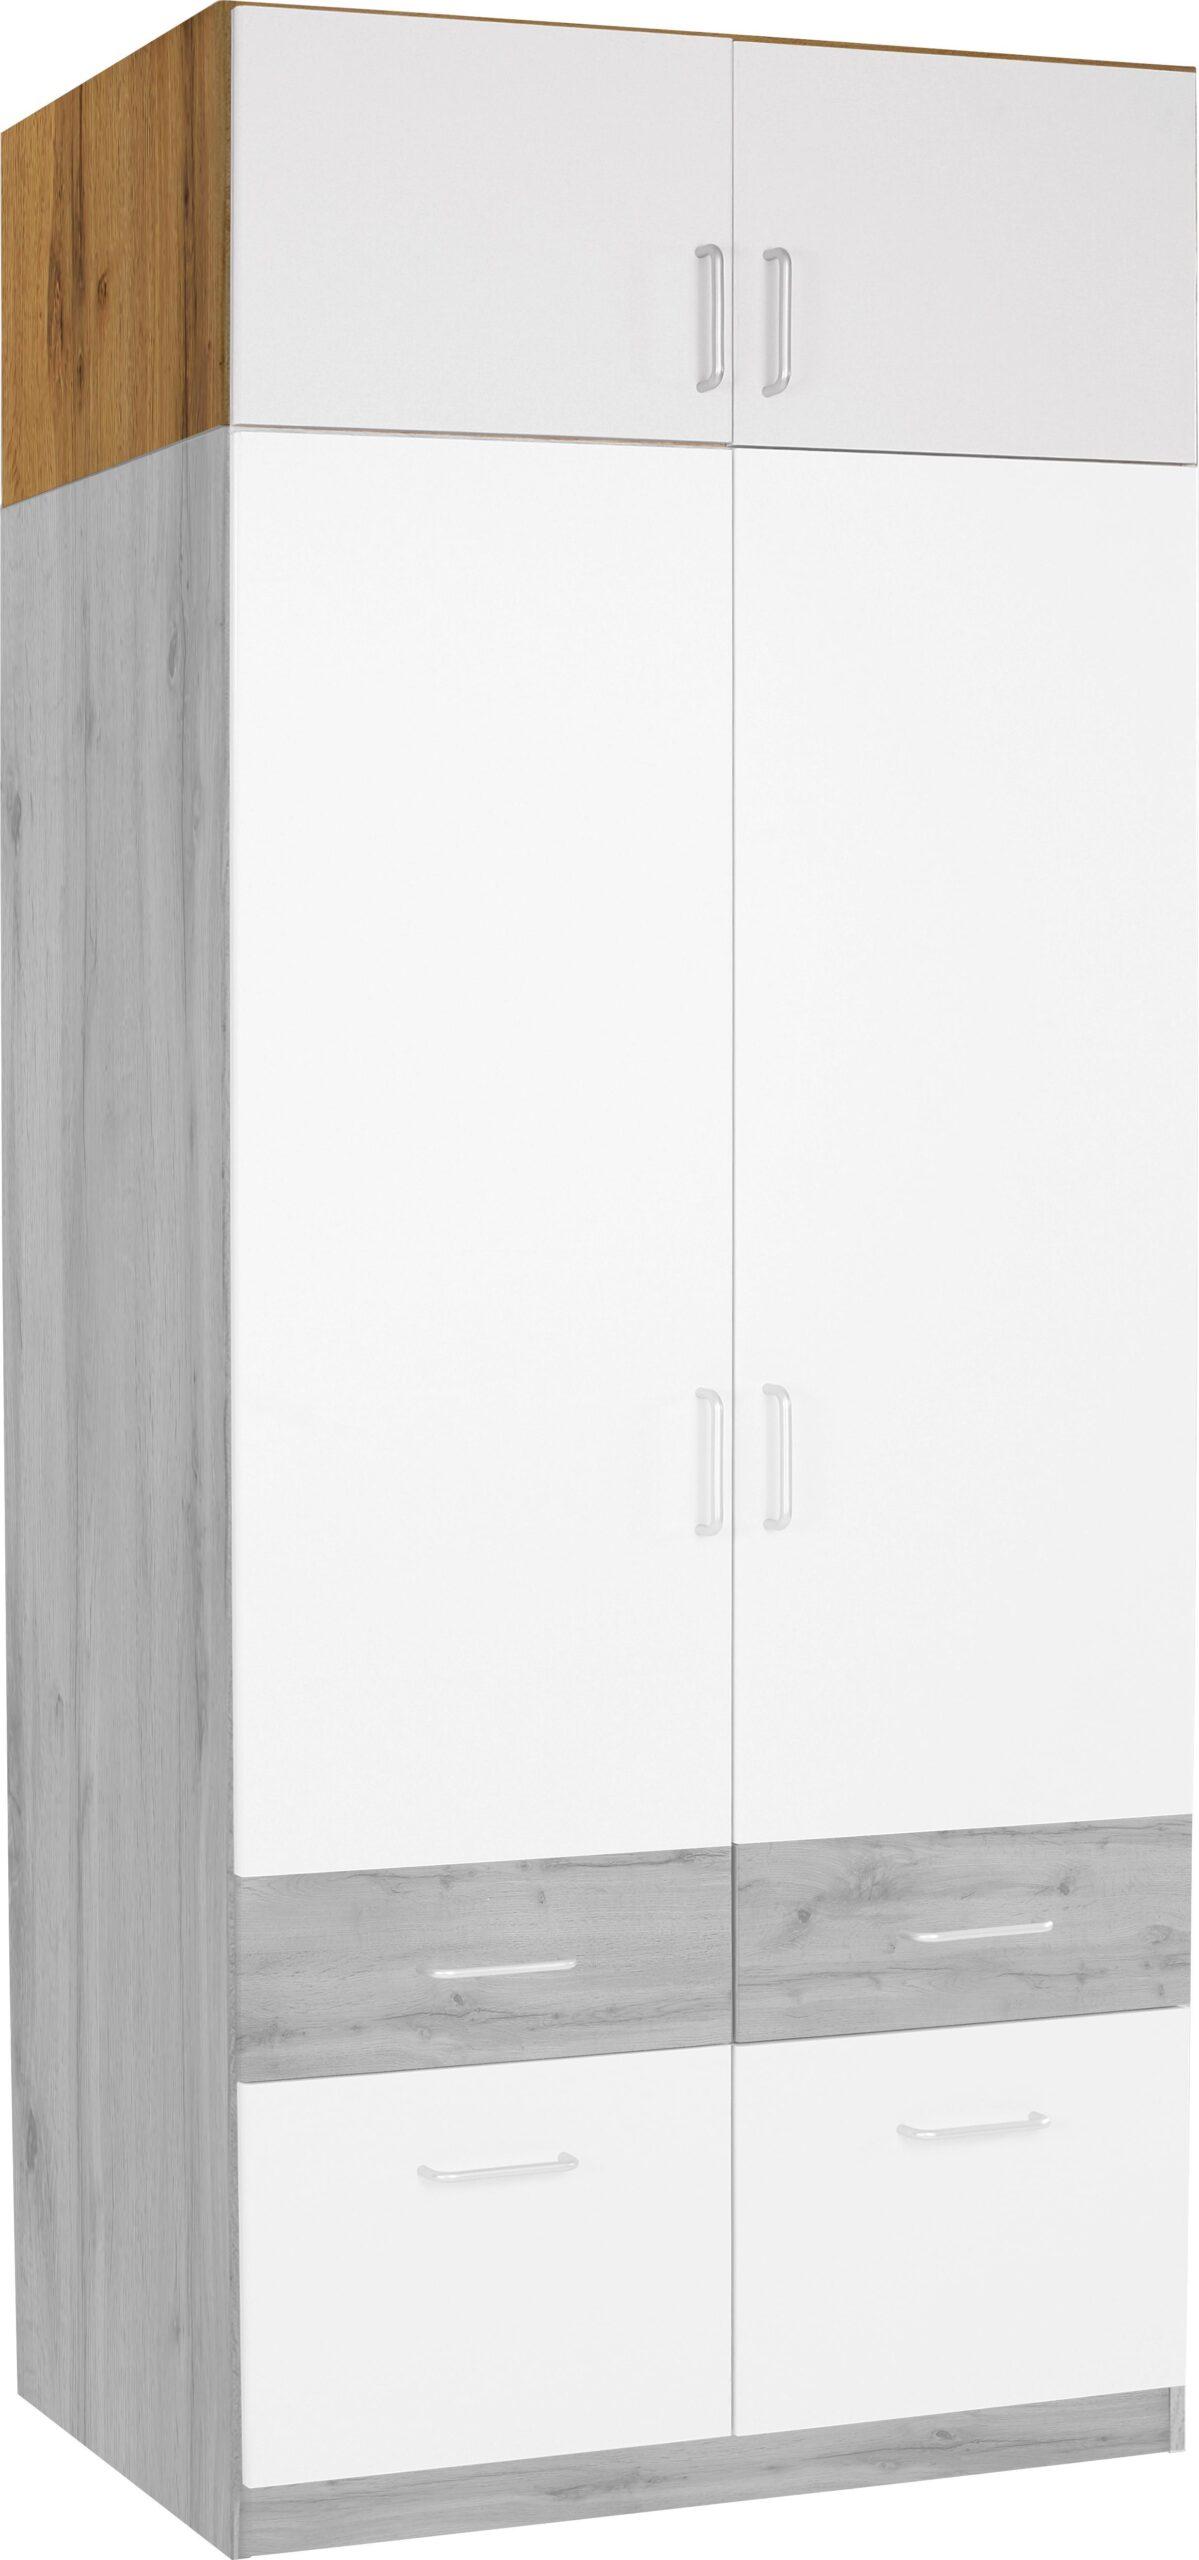 Full Size of Küche Günstig Mit Elektrogeräten L Kochinsel Tapete Modern Einbauküche Gebraucht Led Beleuchtung Kleine Ausstellungsküche Holz Laminat Nischenrückwand Wohnzimmer Jalousieschrank Küche Rollladenschrank Aufsatz